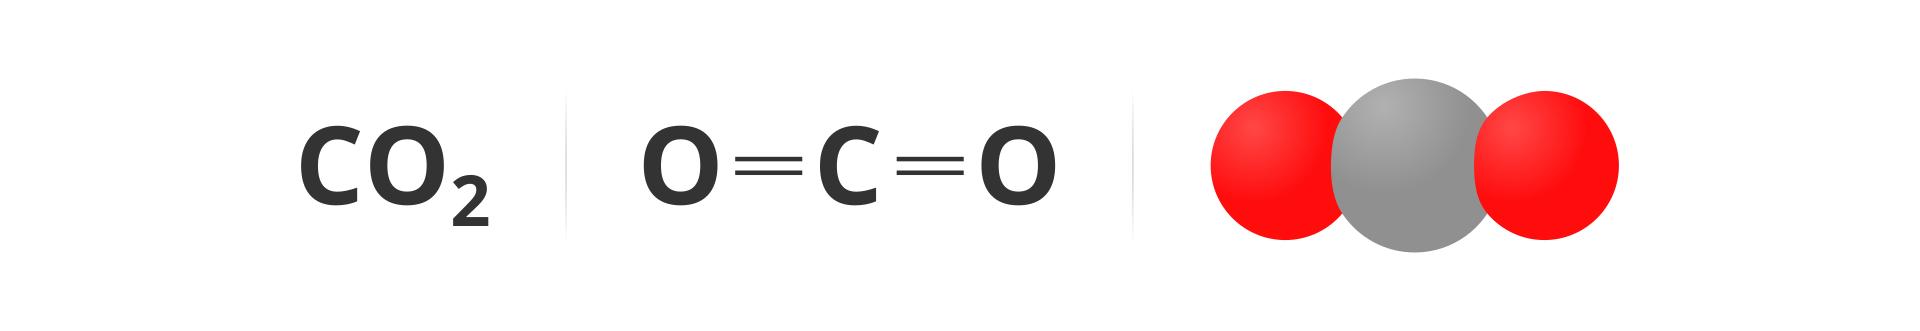 Ilustracja przedstawia cząsteczkę dwutlenku węgla zapisaną na trzy sposoby. Zlewej strony zapis sumaryczny, czyli wzór CO2. Pośrodku zapis strukturalny, atom węgla połączony zdwoma atomami tlenu wtaki sposób, że wszystkie atomy tworzą jedną linię, awęgiel znajduje się wśrodku. Oba wiązania węgla ztlenem są podwójne. Zprawej strony rysunkowy model cząsteczki, węgiel przedstawiony wpostaci ciemnoszarej kulki, aatomy tlenu wpostaci stykających się znim kulek czerwonych.